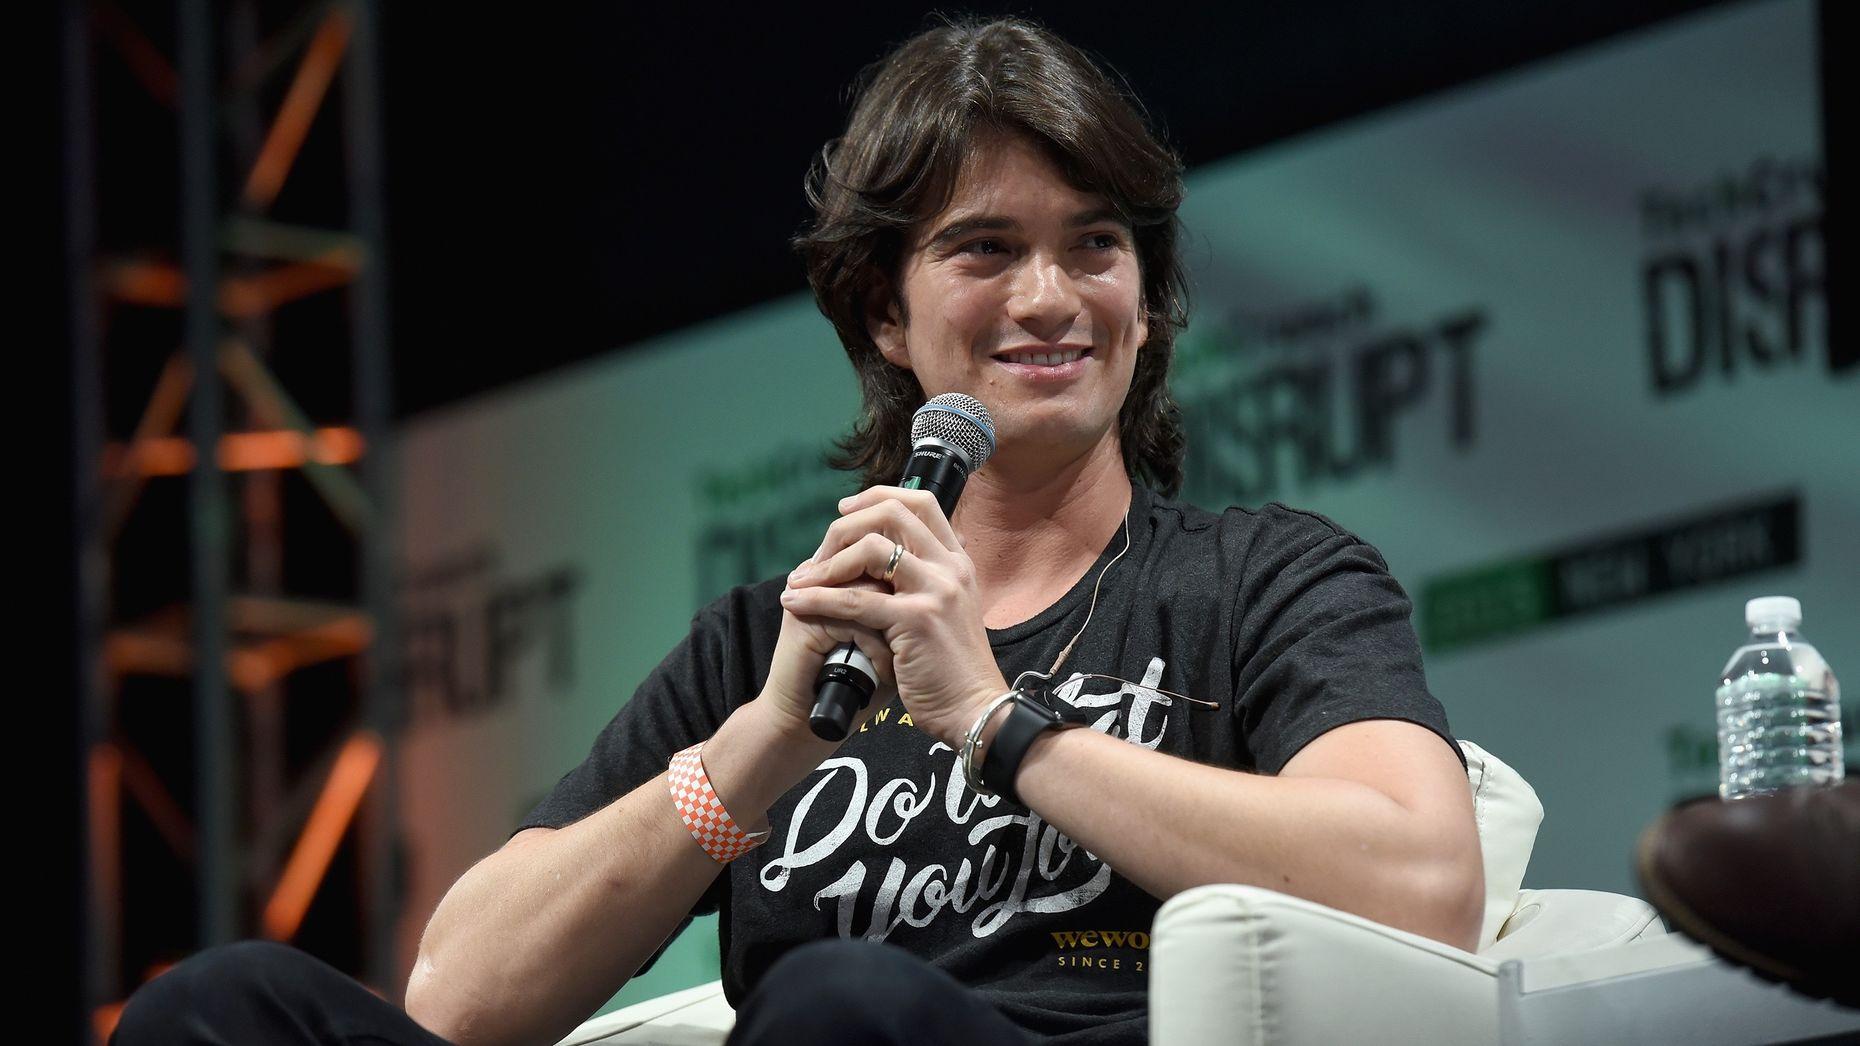 WeWork CEO Adam Neumann. Photo by Flickr/TechCrunch.